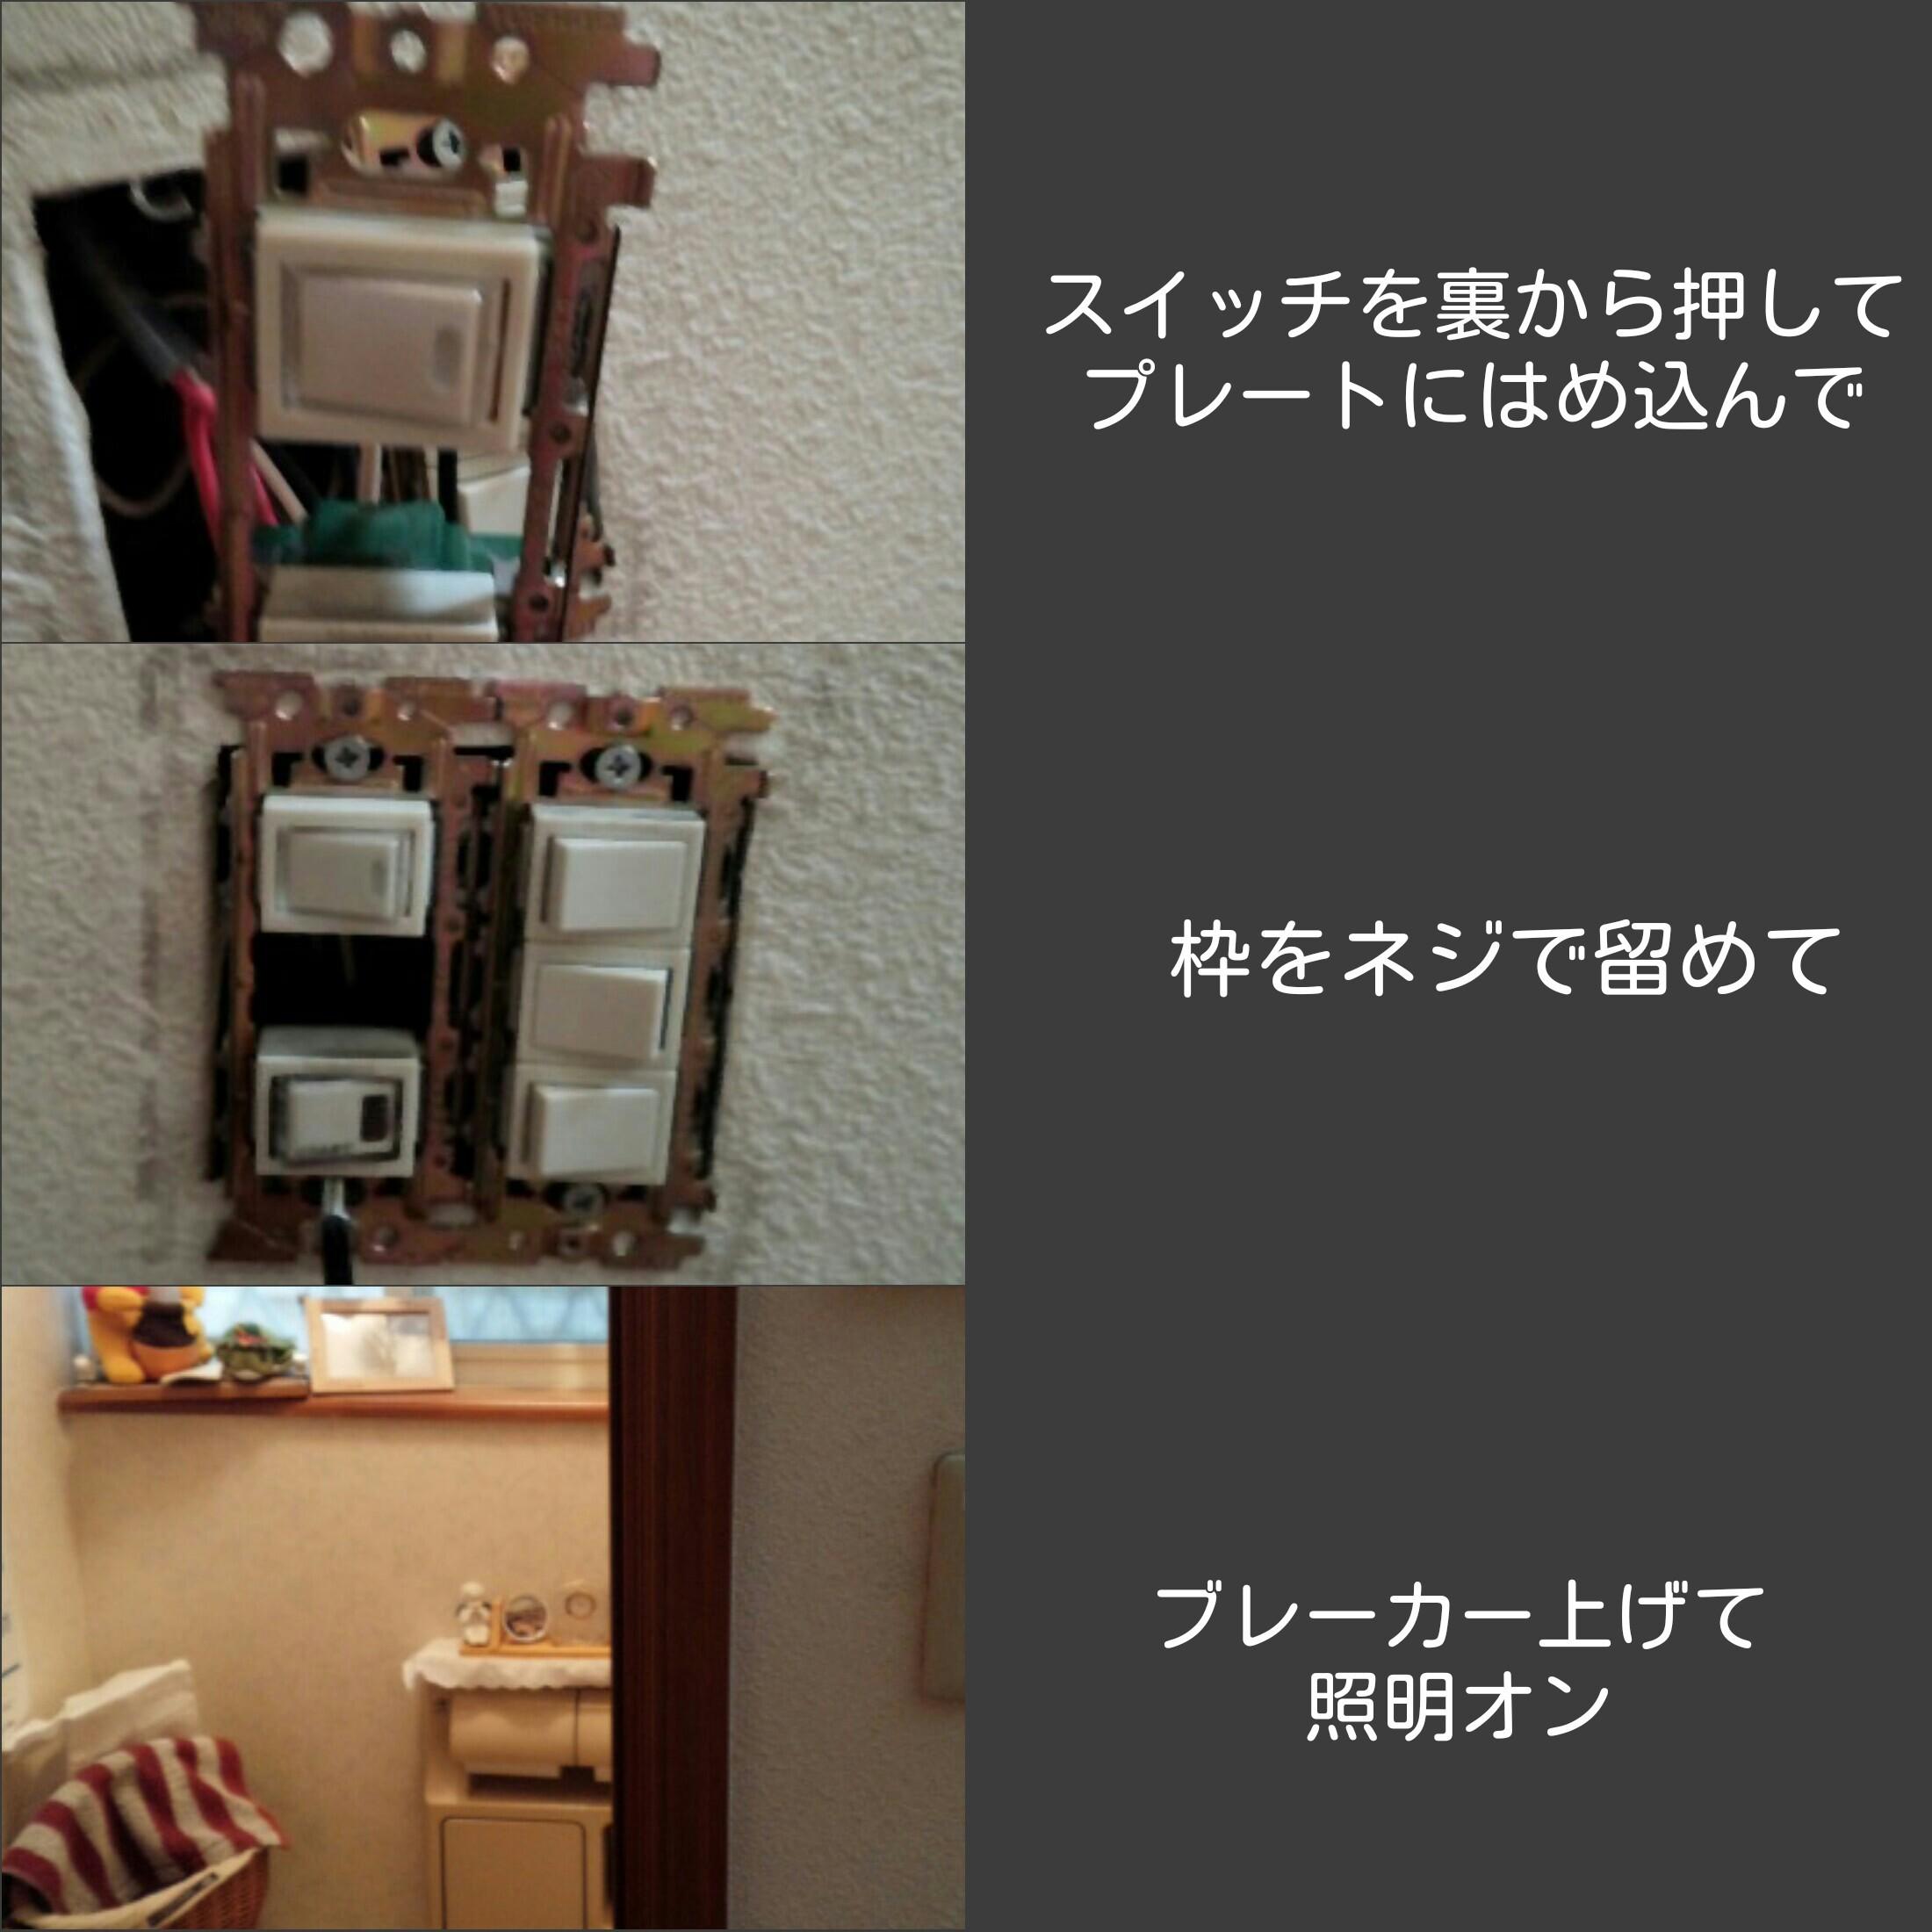 b0306158_16371903.jpg